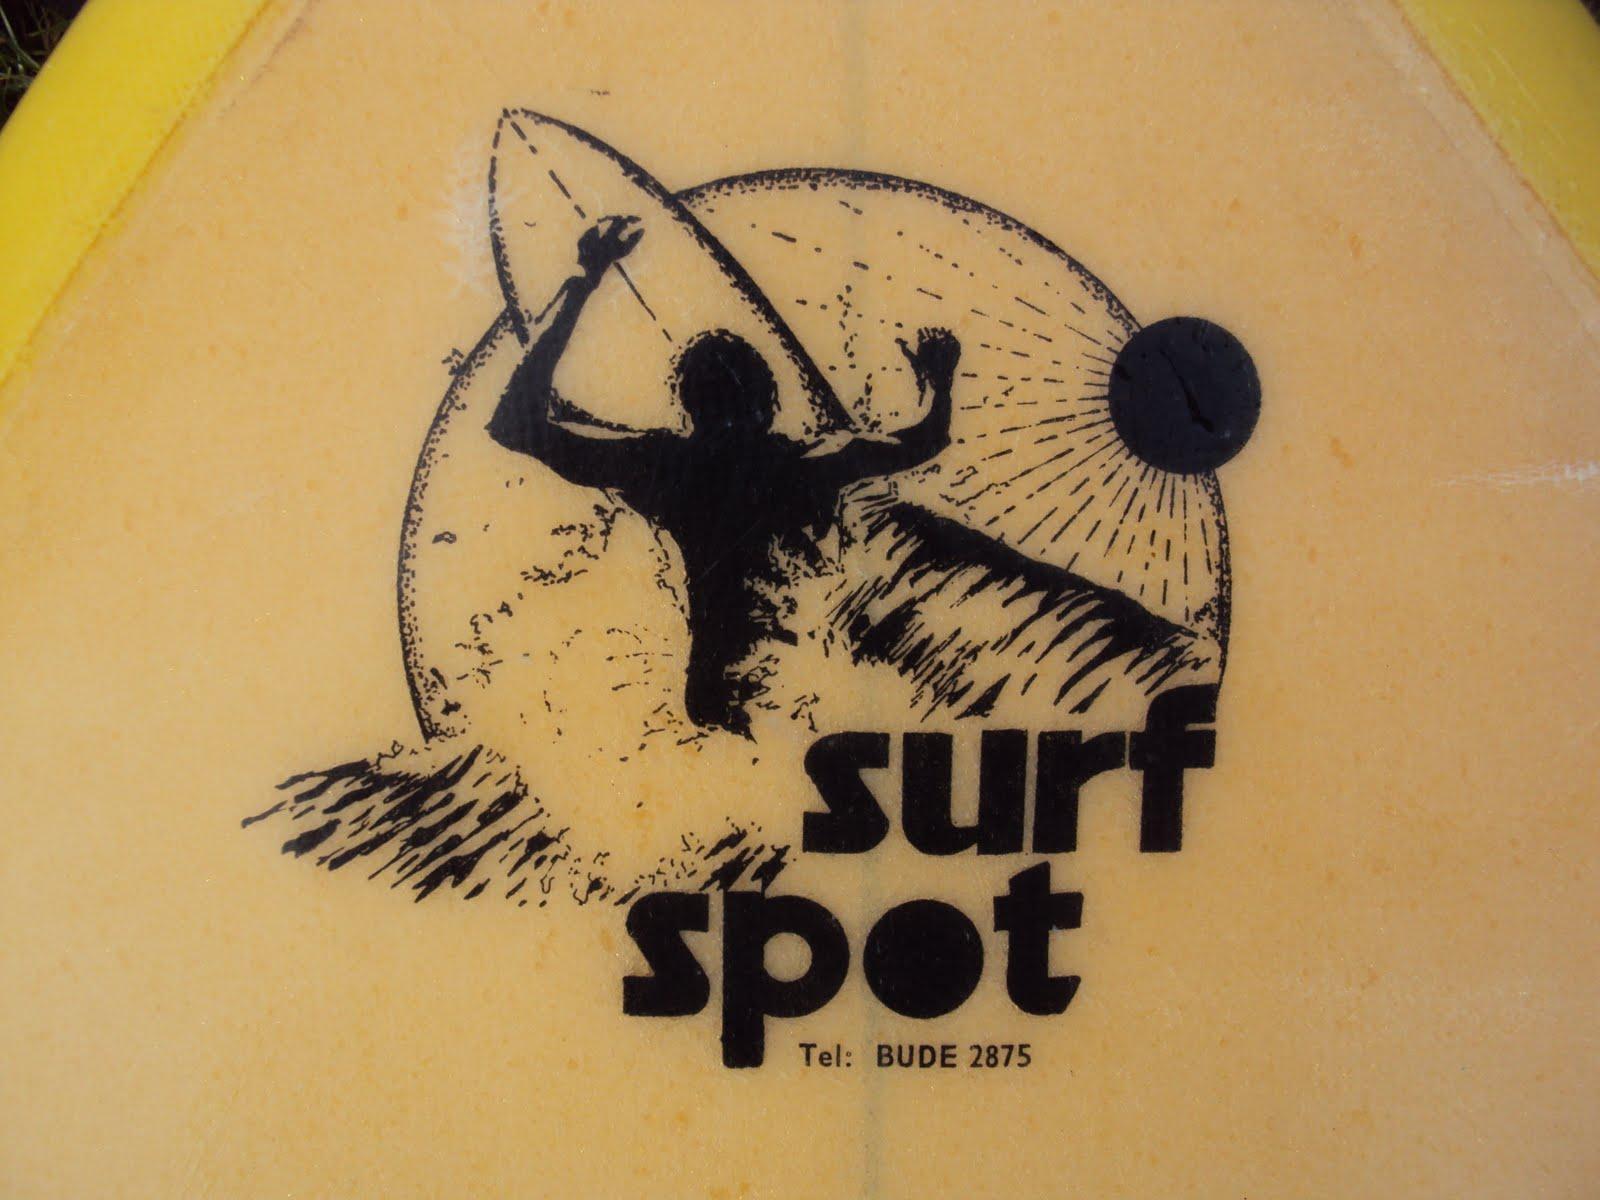 Vintage Surfboard Collector UK Surf Spot Bude